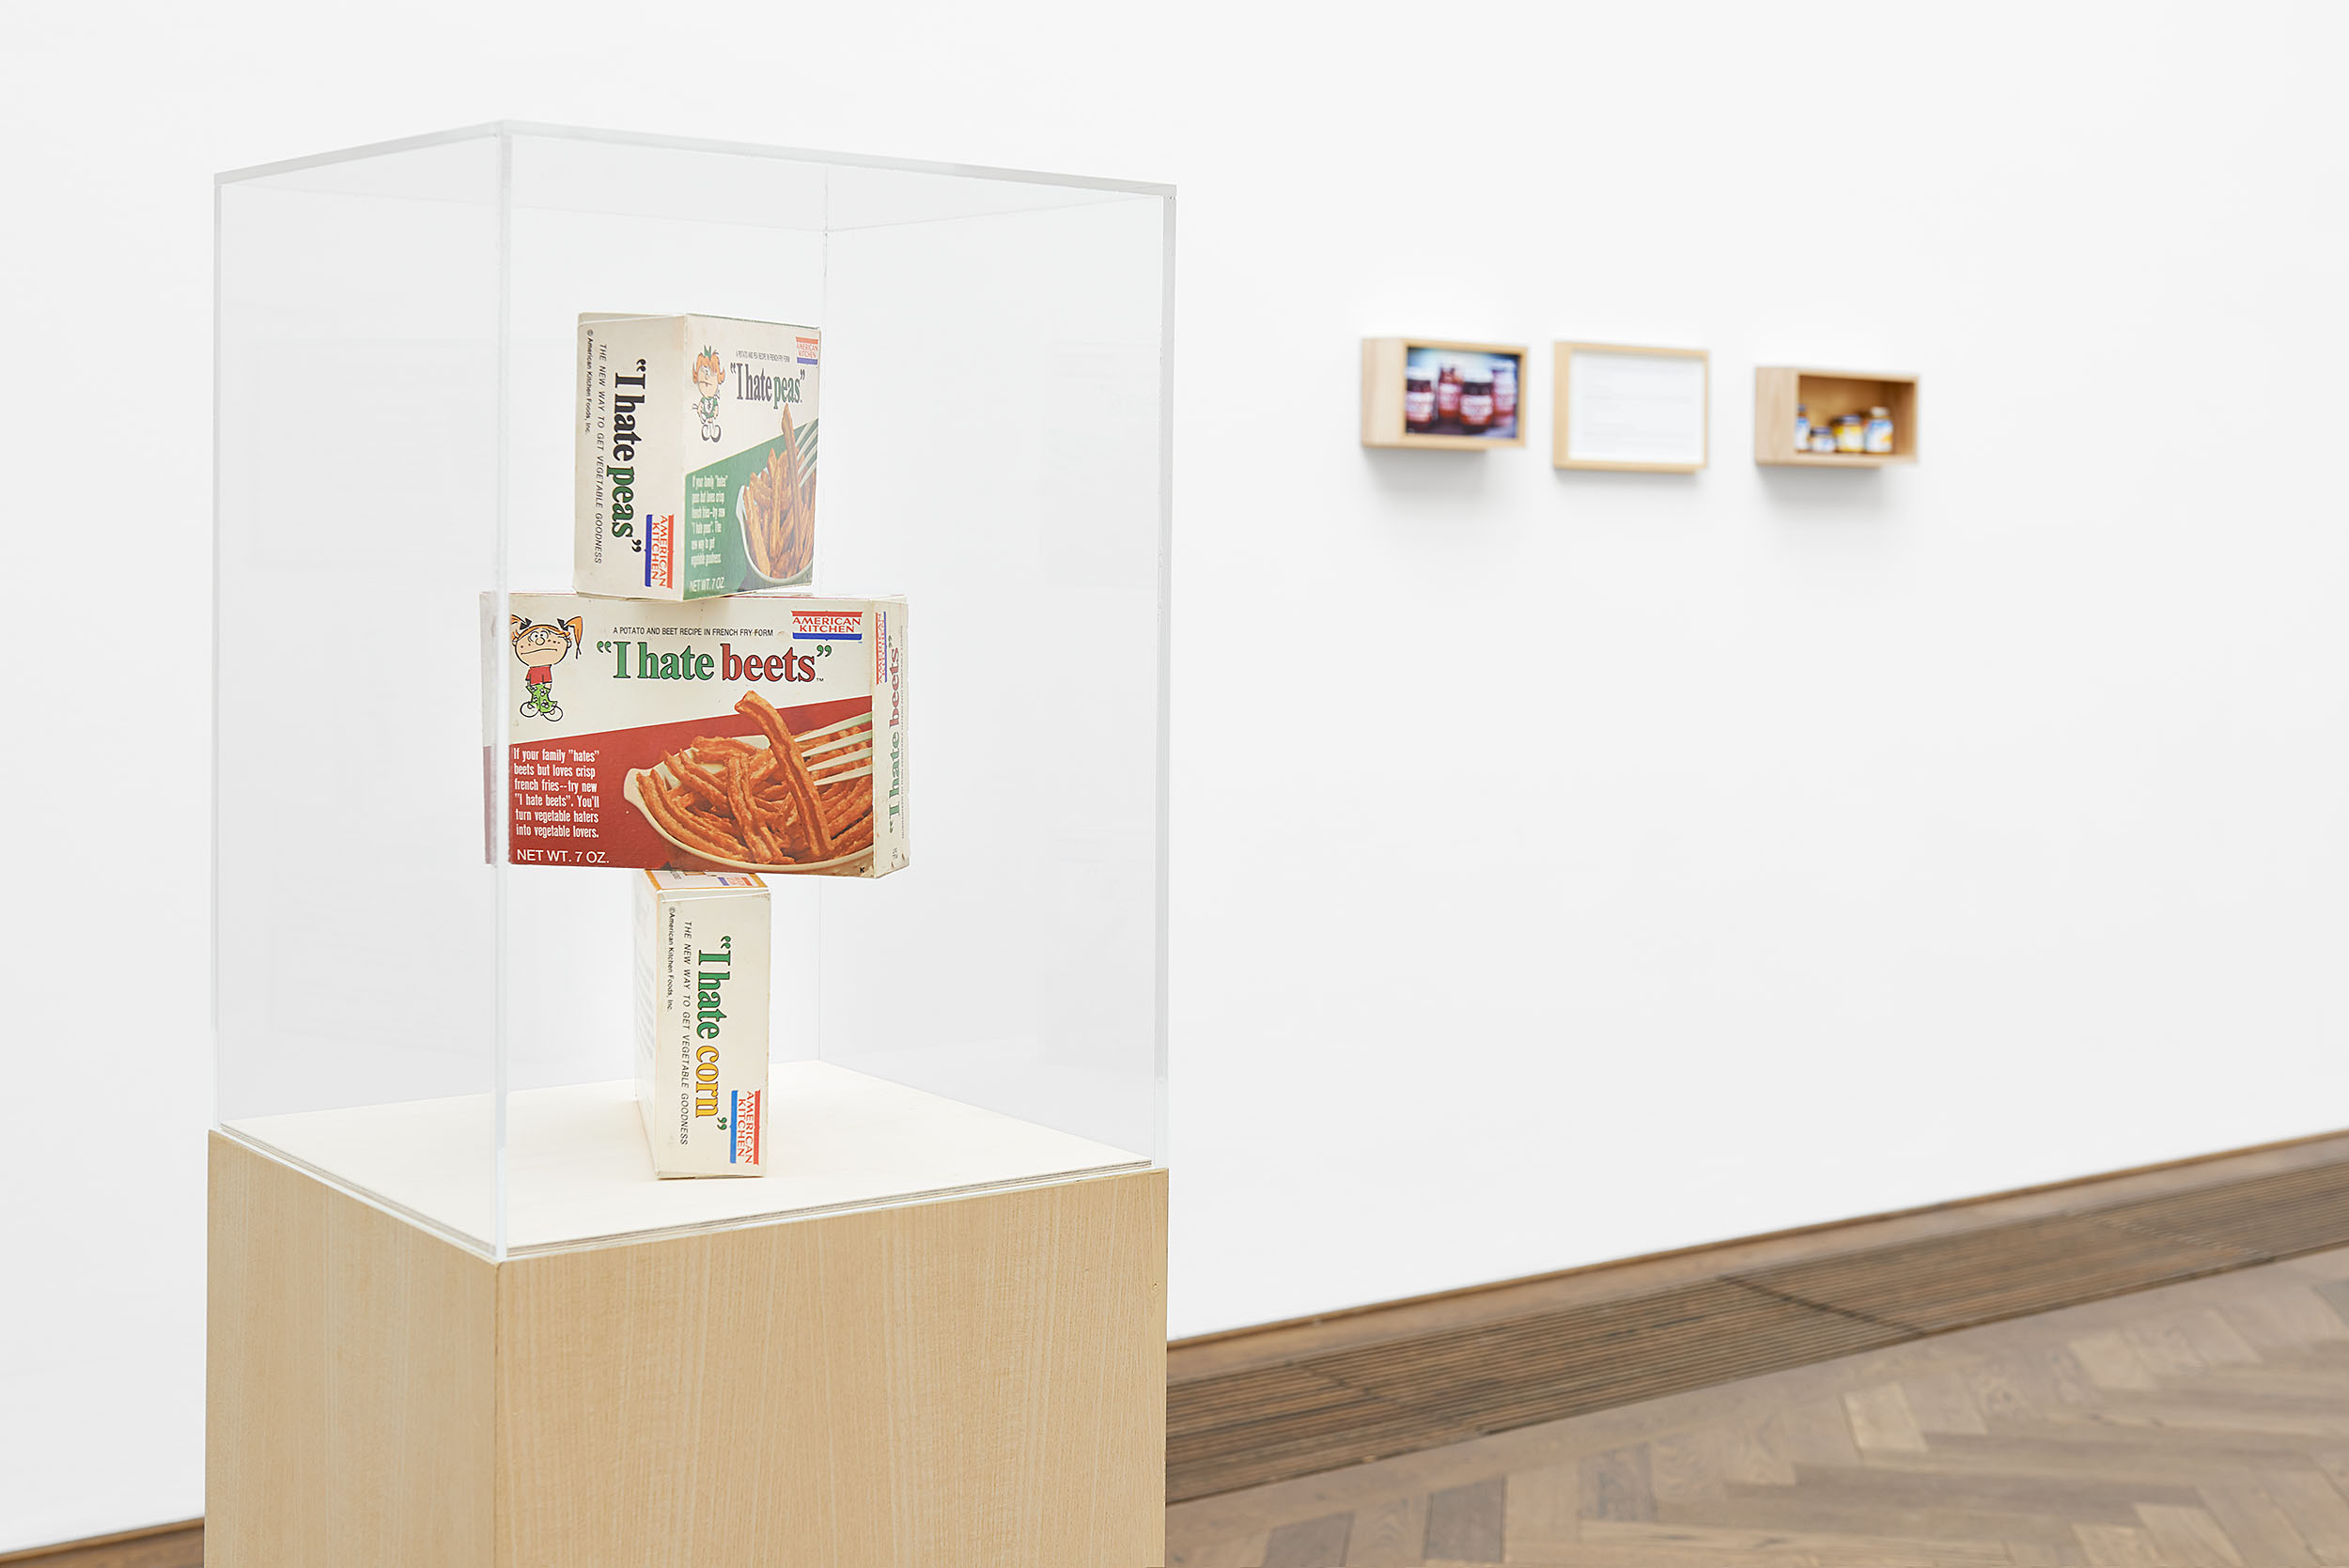 Maryam_Jafri_Generic_Corner_Kunsthalle_Basel_02